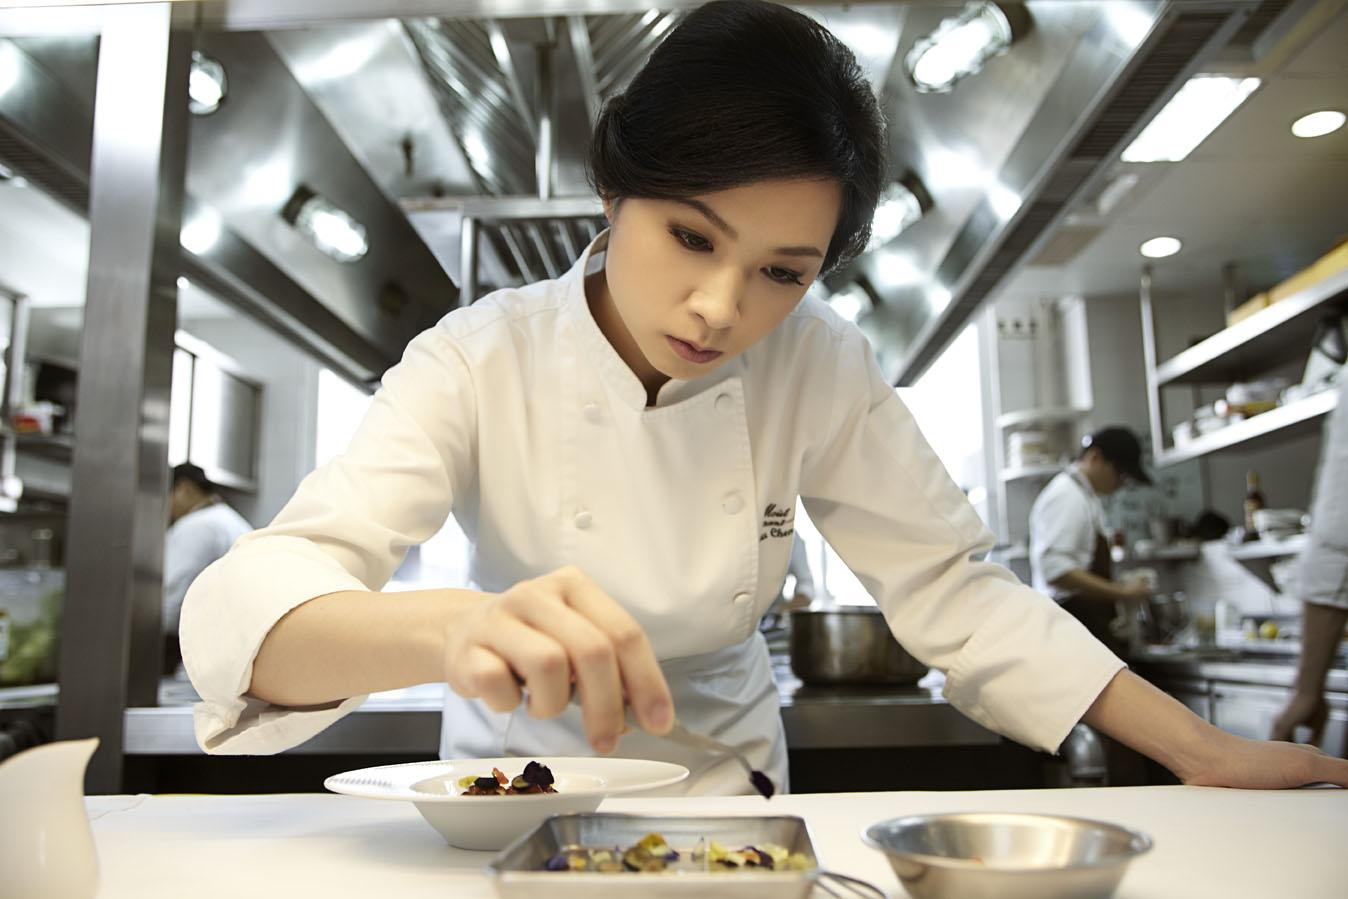 台湾美女主厨荣获2014年亚洲最佳女厨师称号